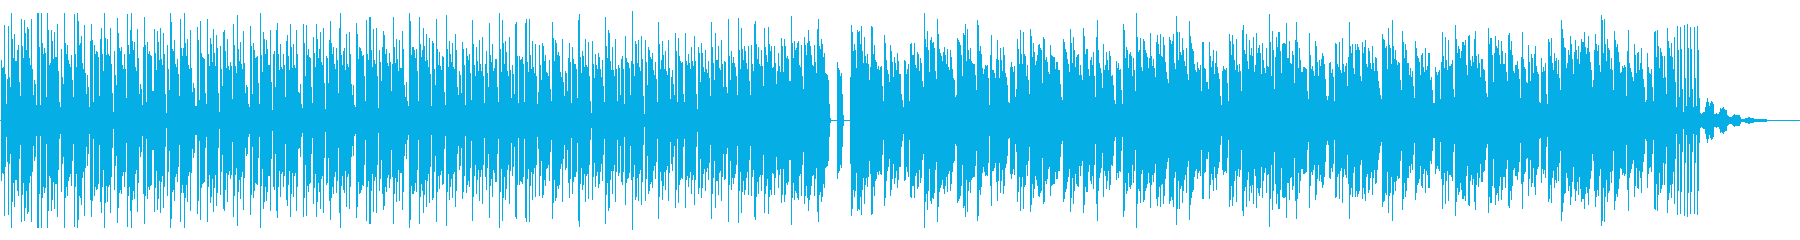 シンプルでビートの強いテクノ_2の再生済みの波形